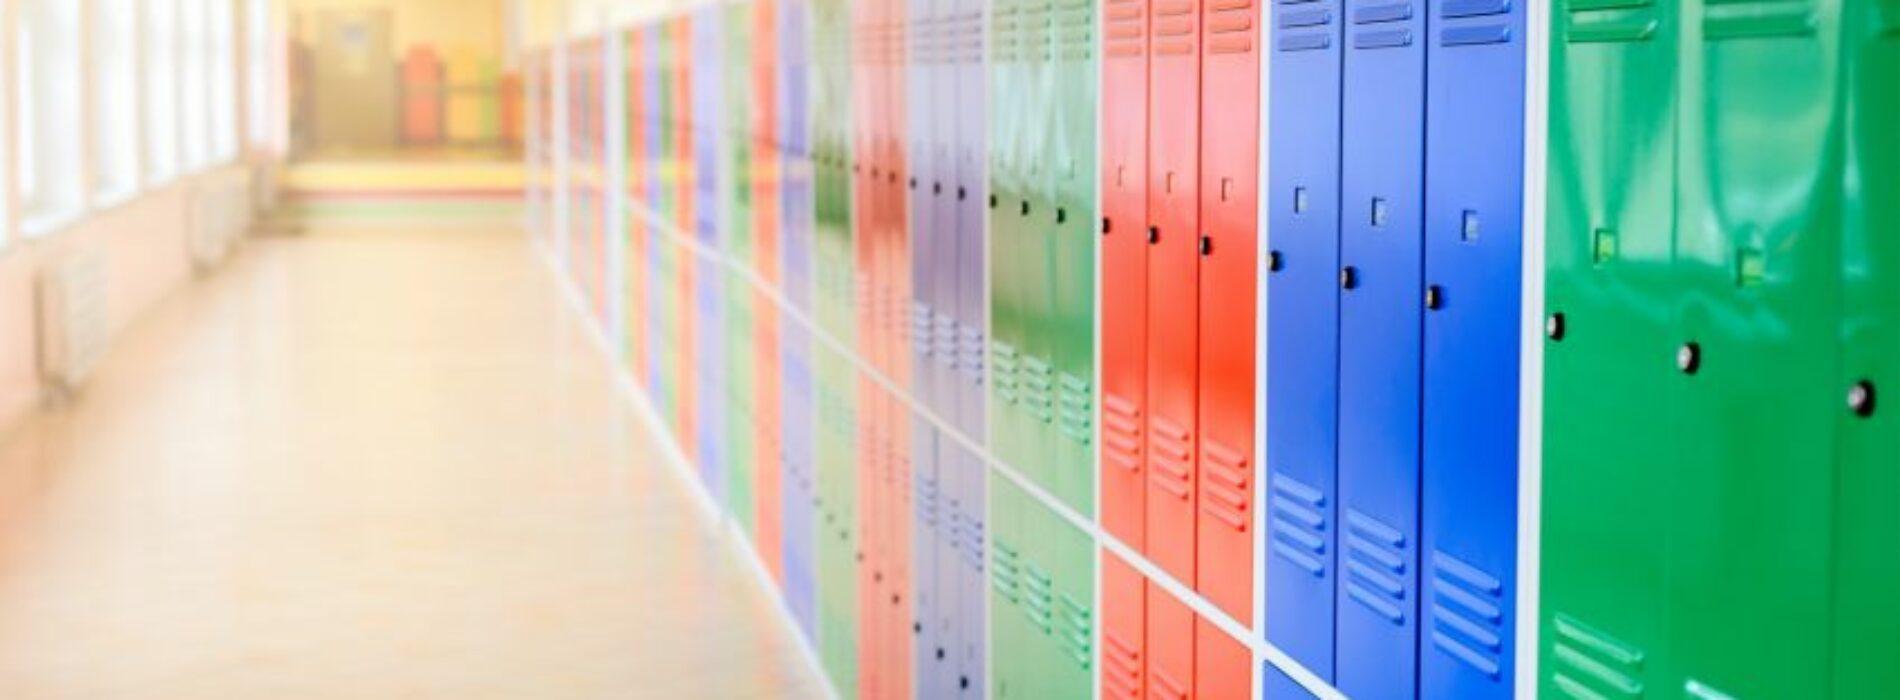 Zastosowanie metalowych szaf w przemyśle i edukacji